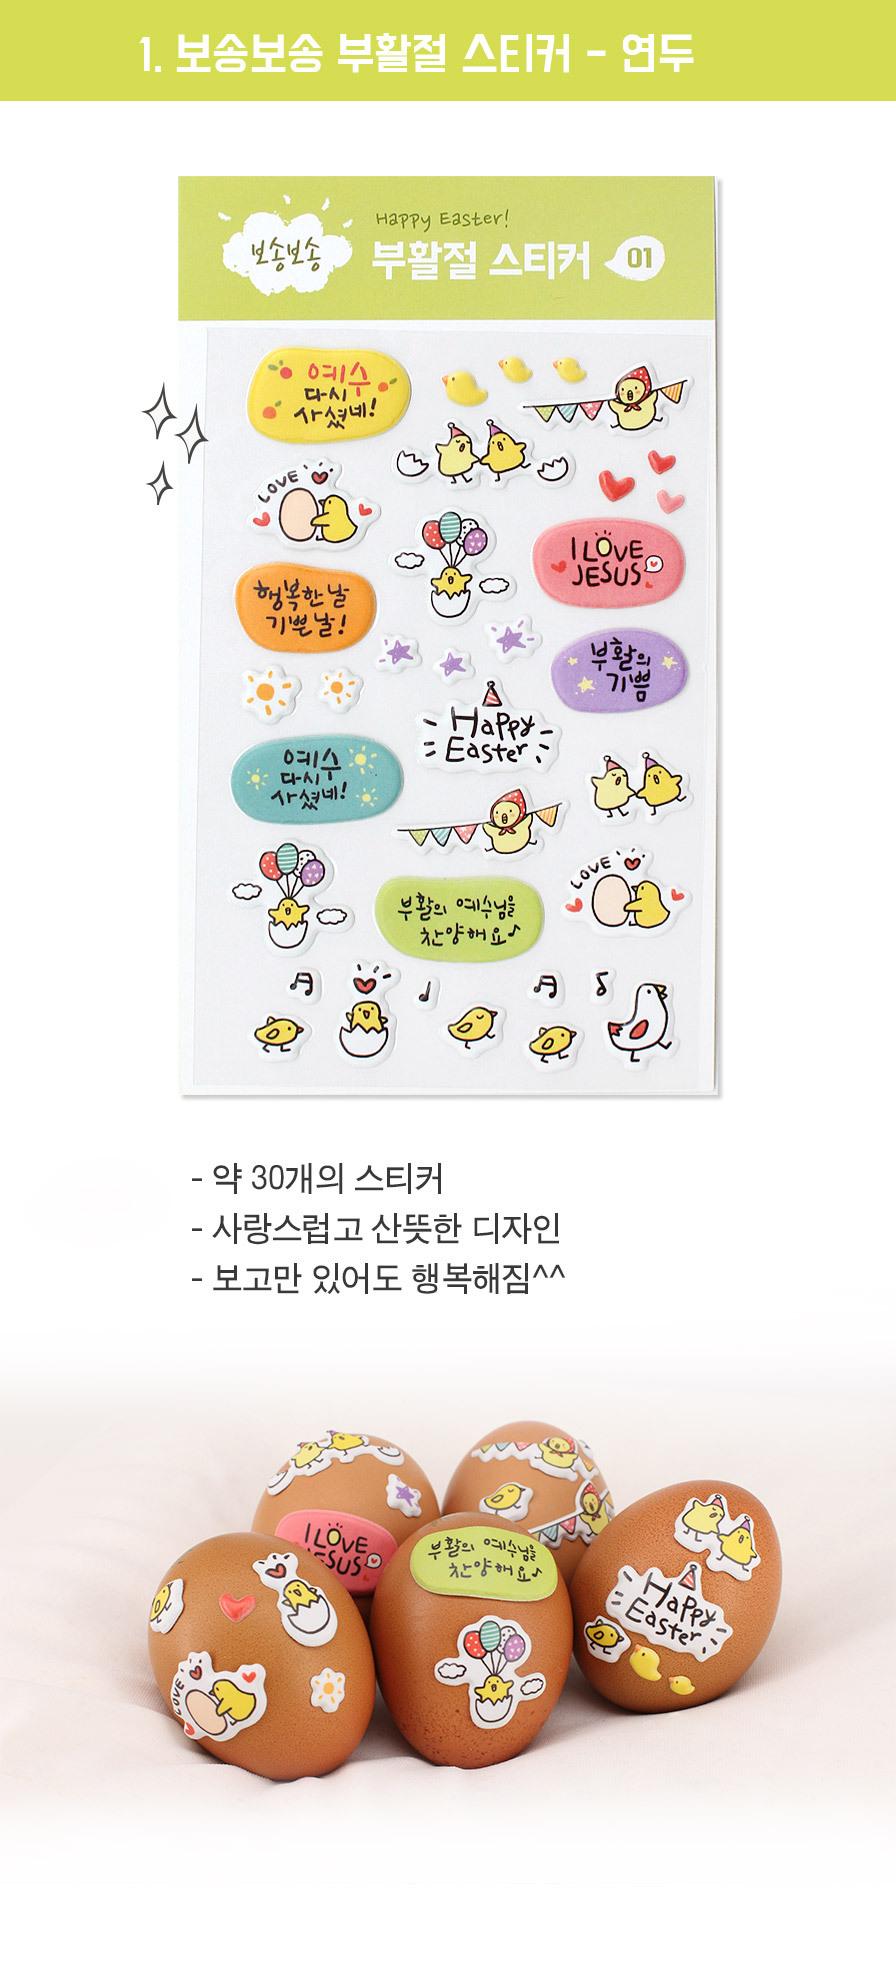 부활절 교회 달걀꾸미기 보송보송 스티커 A.연두 상세보기